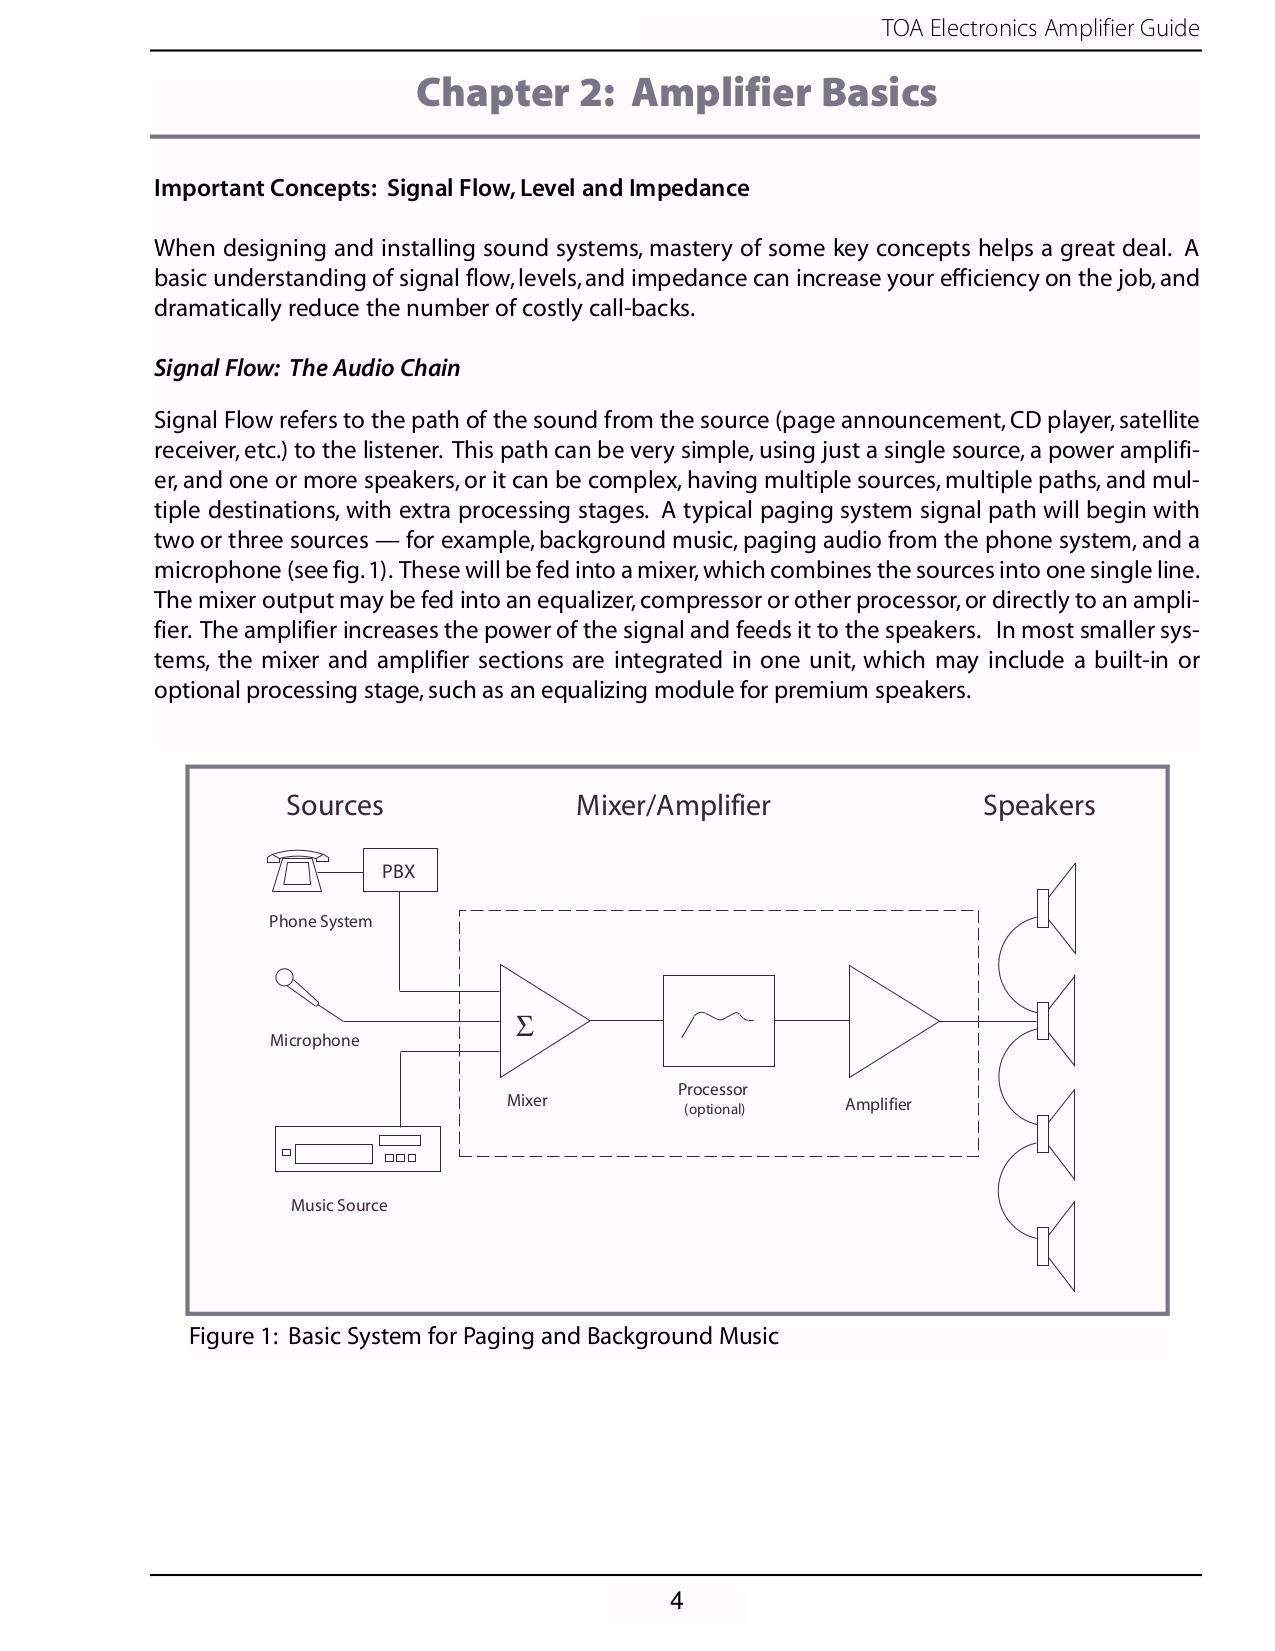 pdf manual for toa amp a 512a rh umlib com